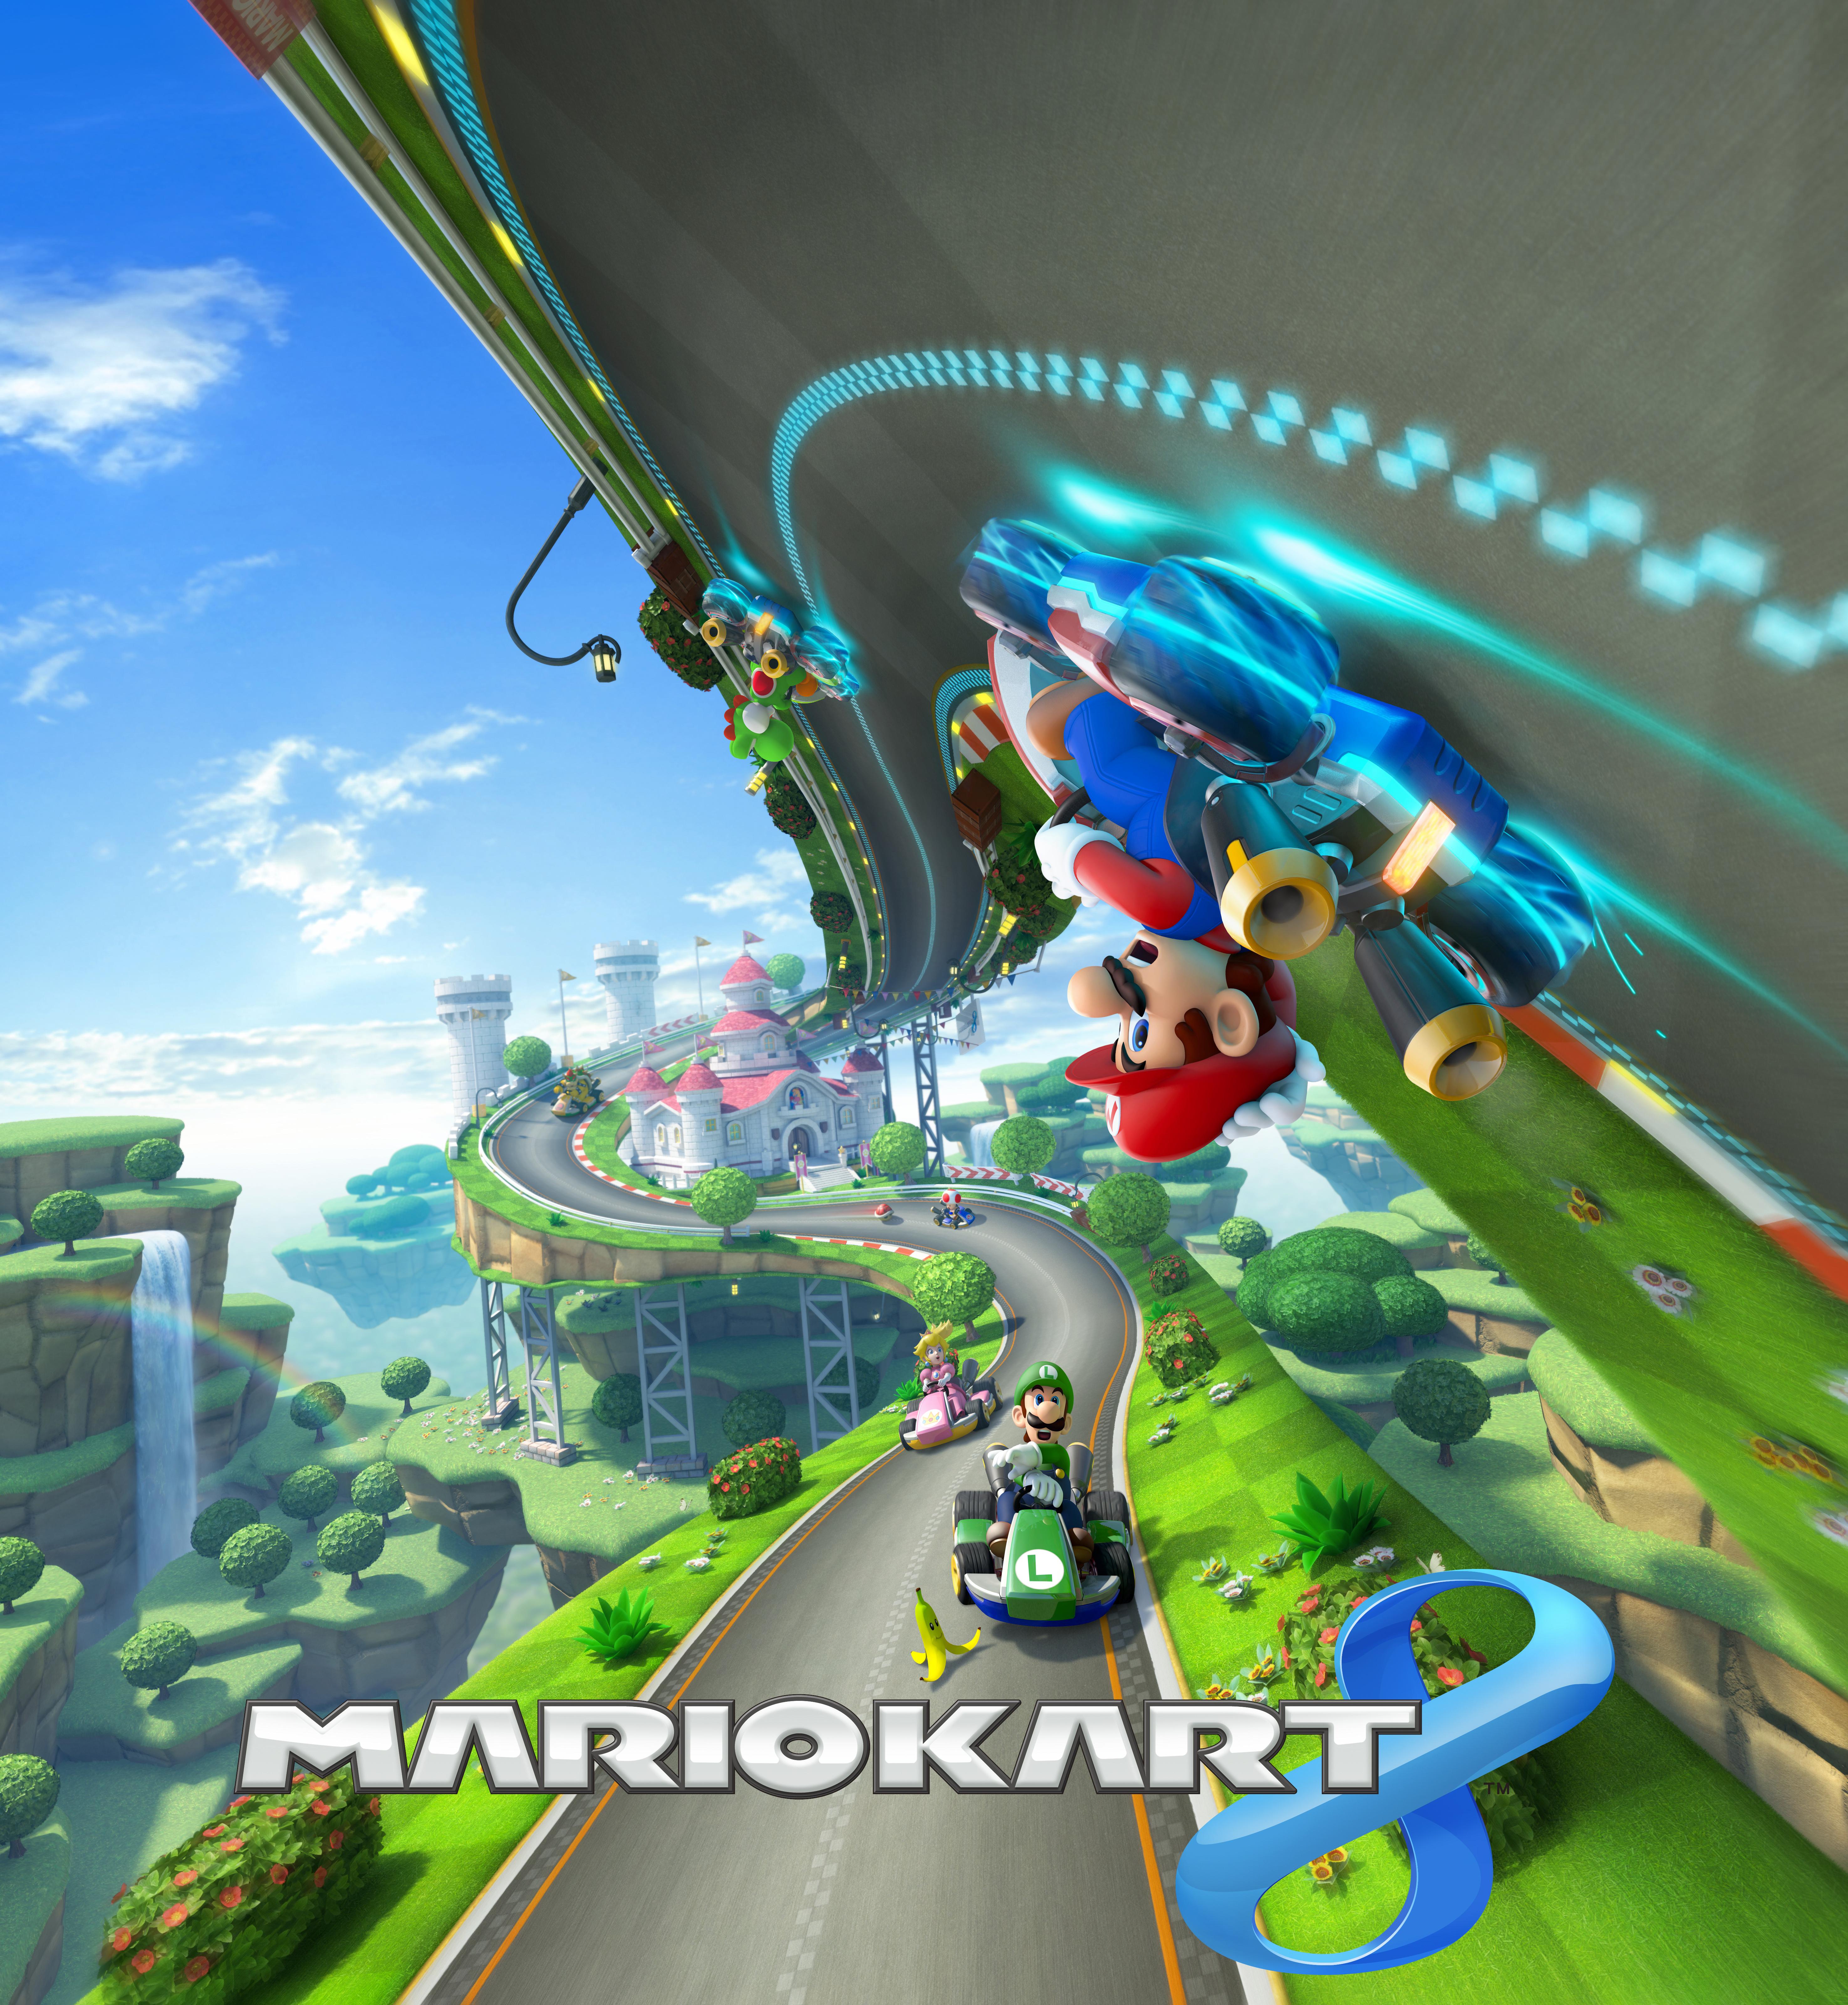 Mario Kart 8 Art 2512999 Hd Wallpaper Backgrounds Download